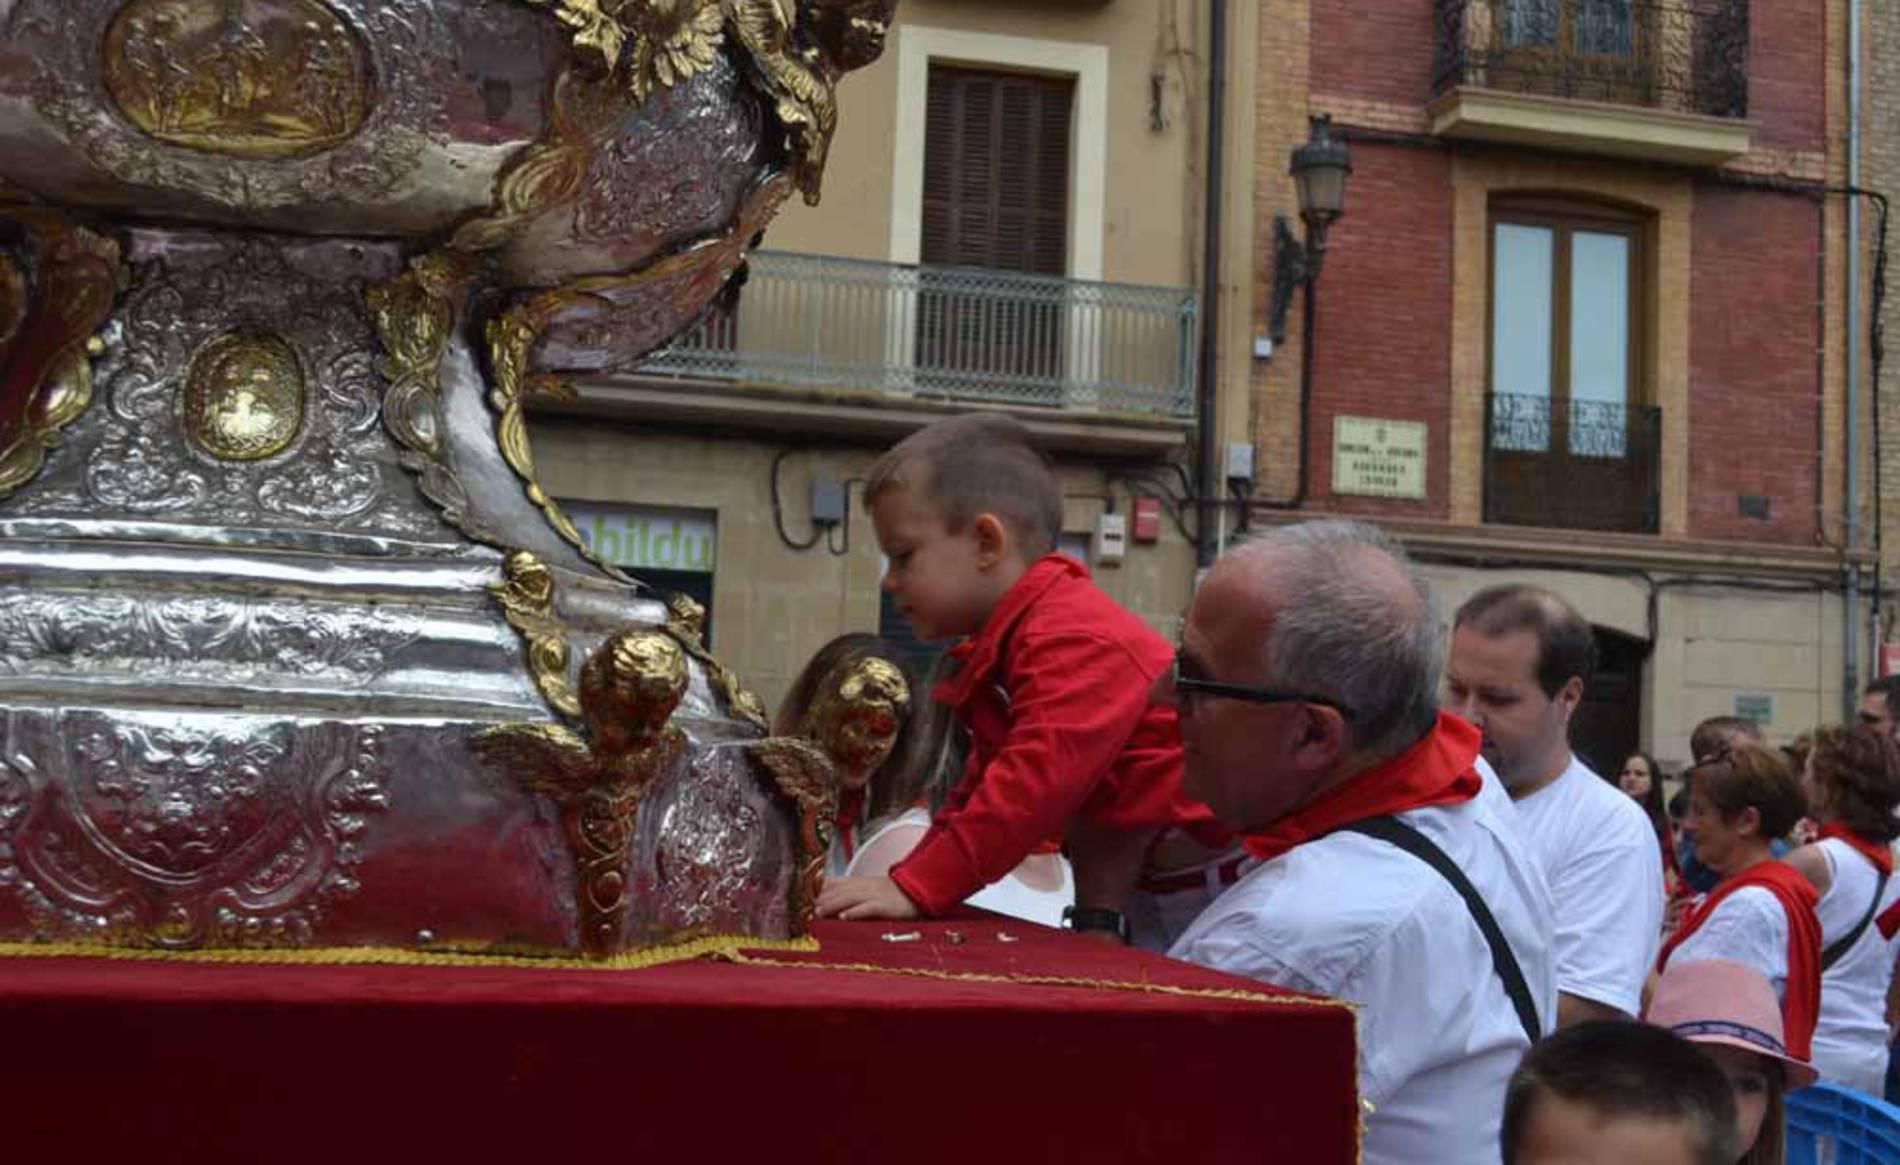 Imágenes de la ofrenda infantil a San Fermín (1/51) - Imágenes de la ofrenda de los niños a San Fermín - San Fermín -